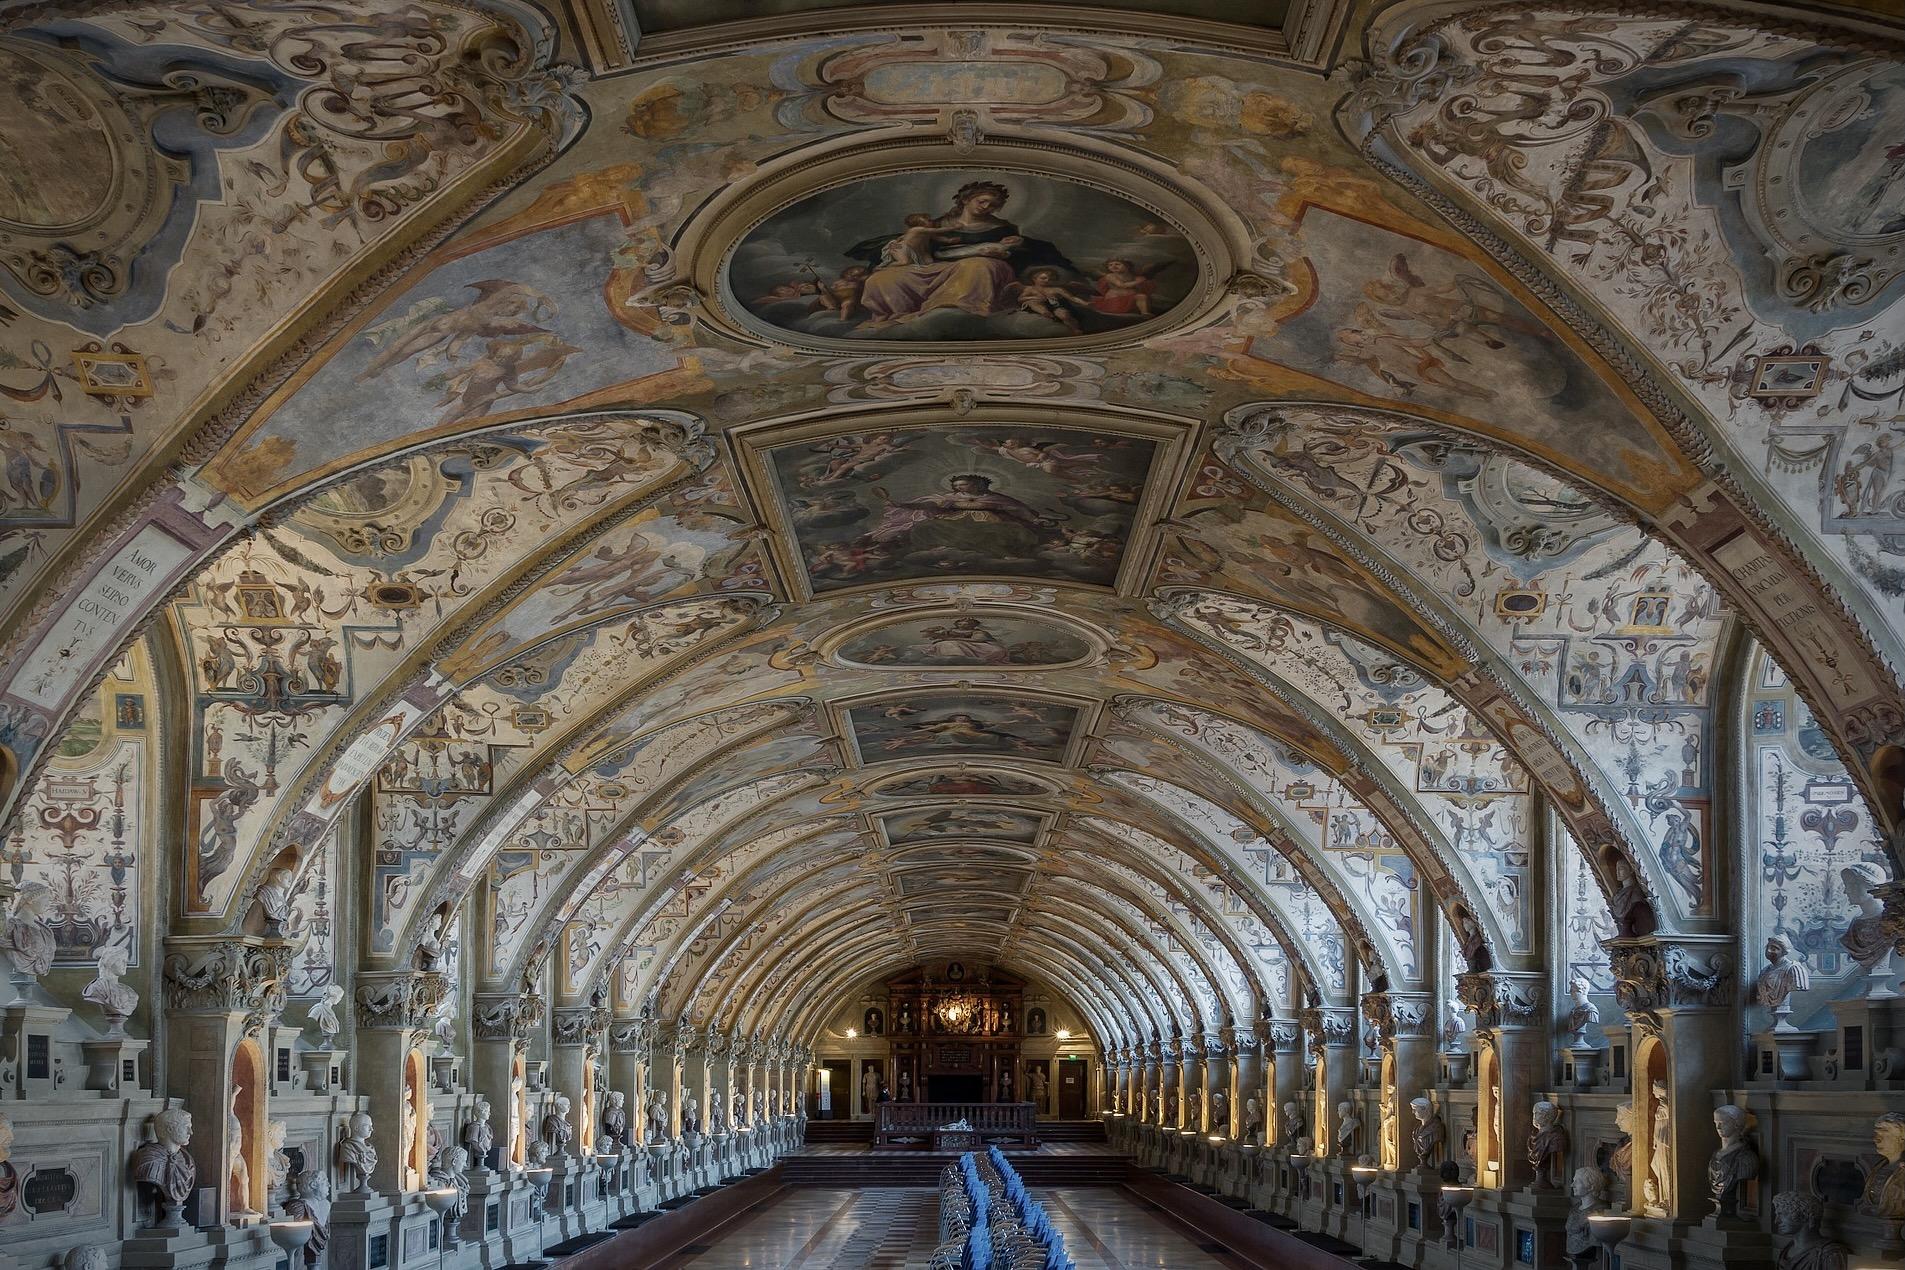 Das Antiquarium in der Residenz München gehört zu den besten München Sehenswürdigkeiten